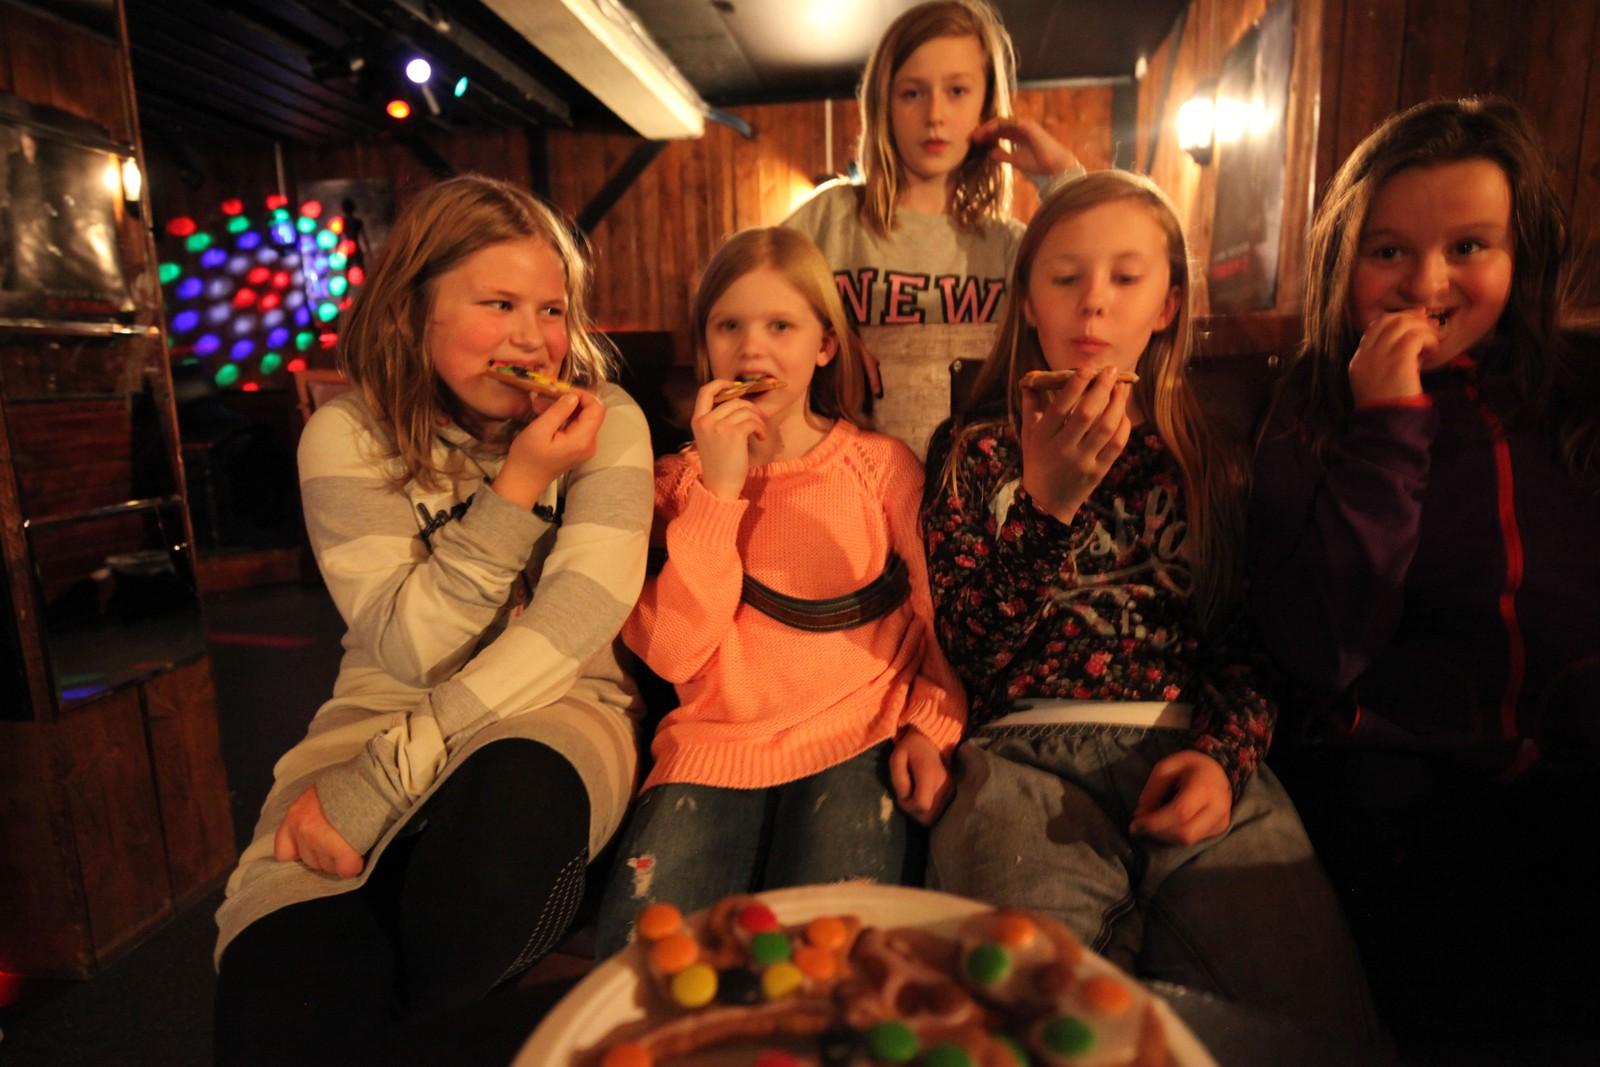 Siste juniorklubb før jul ble blant annet brukt til pepperkakebaking. Fra venstre: Thea Lovise Strand, Nora Bentsen Moby, Linnea Olsen (bak), Celina Kristensen og Nora Madsen Seferagic.